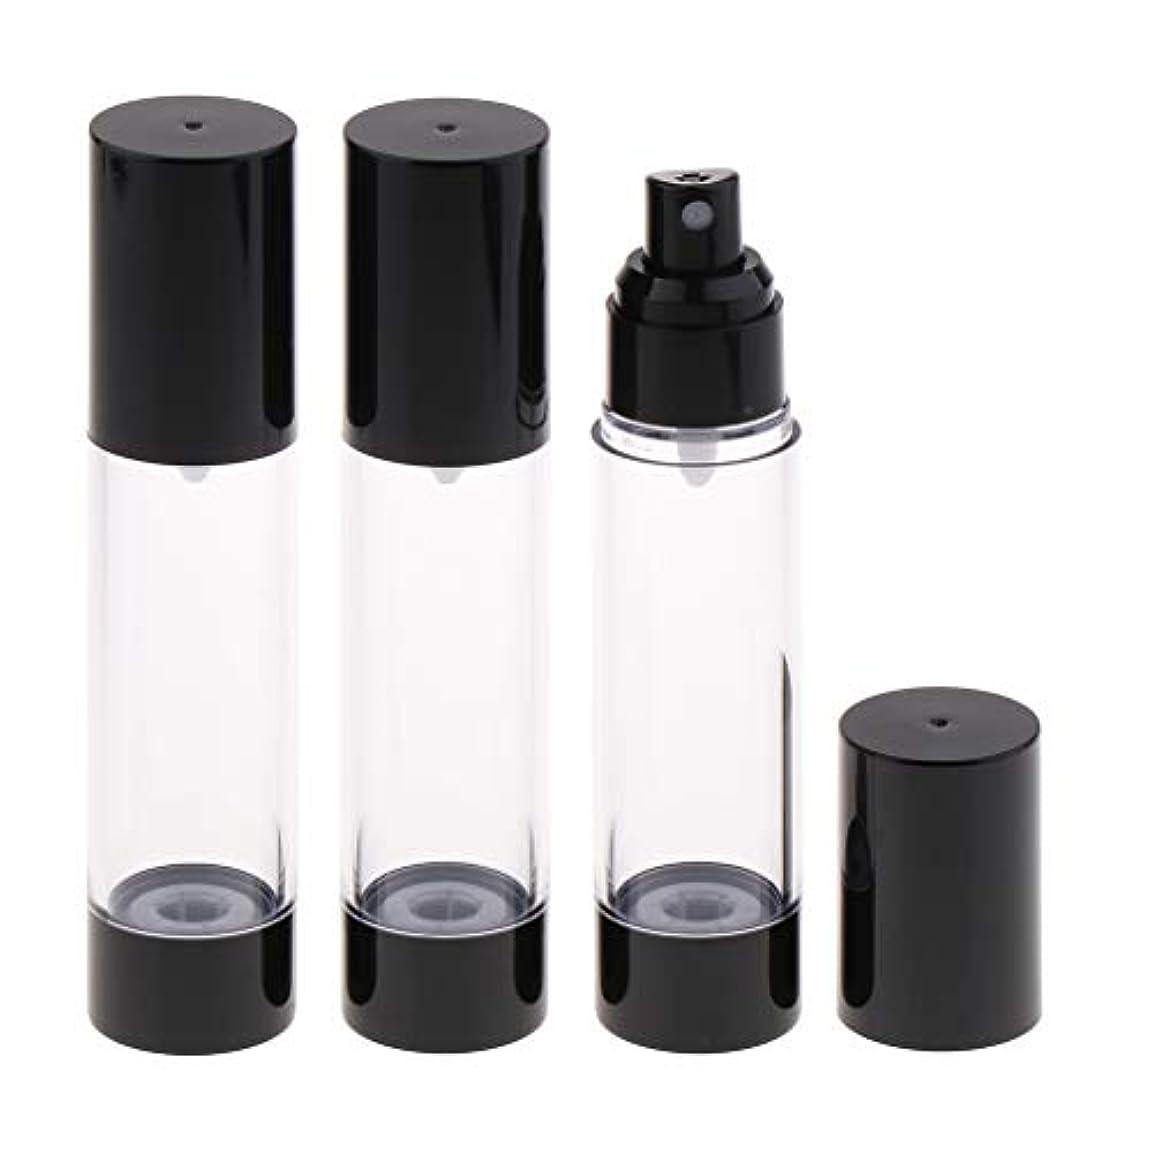 思い出すしばしば奨学金香水アトマイザー スプレーボトル 真空ボトル 霧吹き 詰め替え 再利用可能 漏れ防止 携帯用 3個 - 50mlミスト